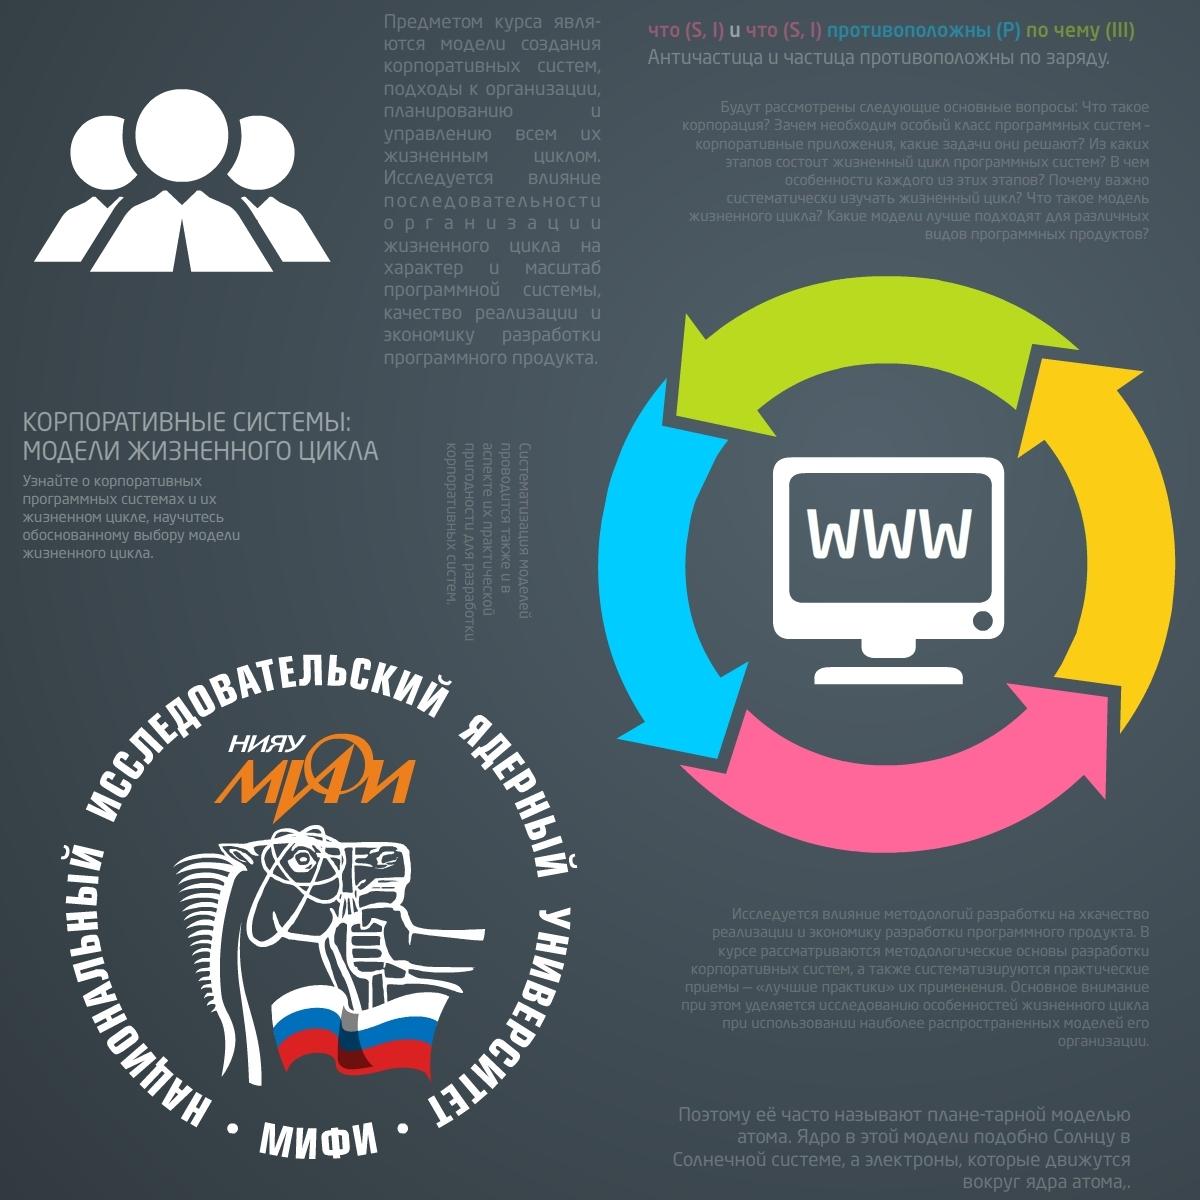 Разработка корпоративных систем. Часть 1. Модели жизненного цикла course image